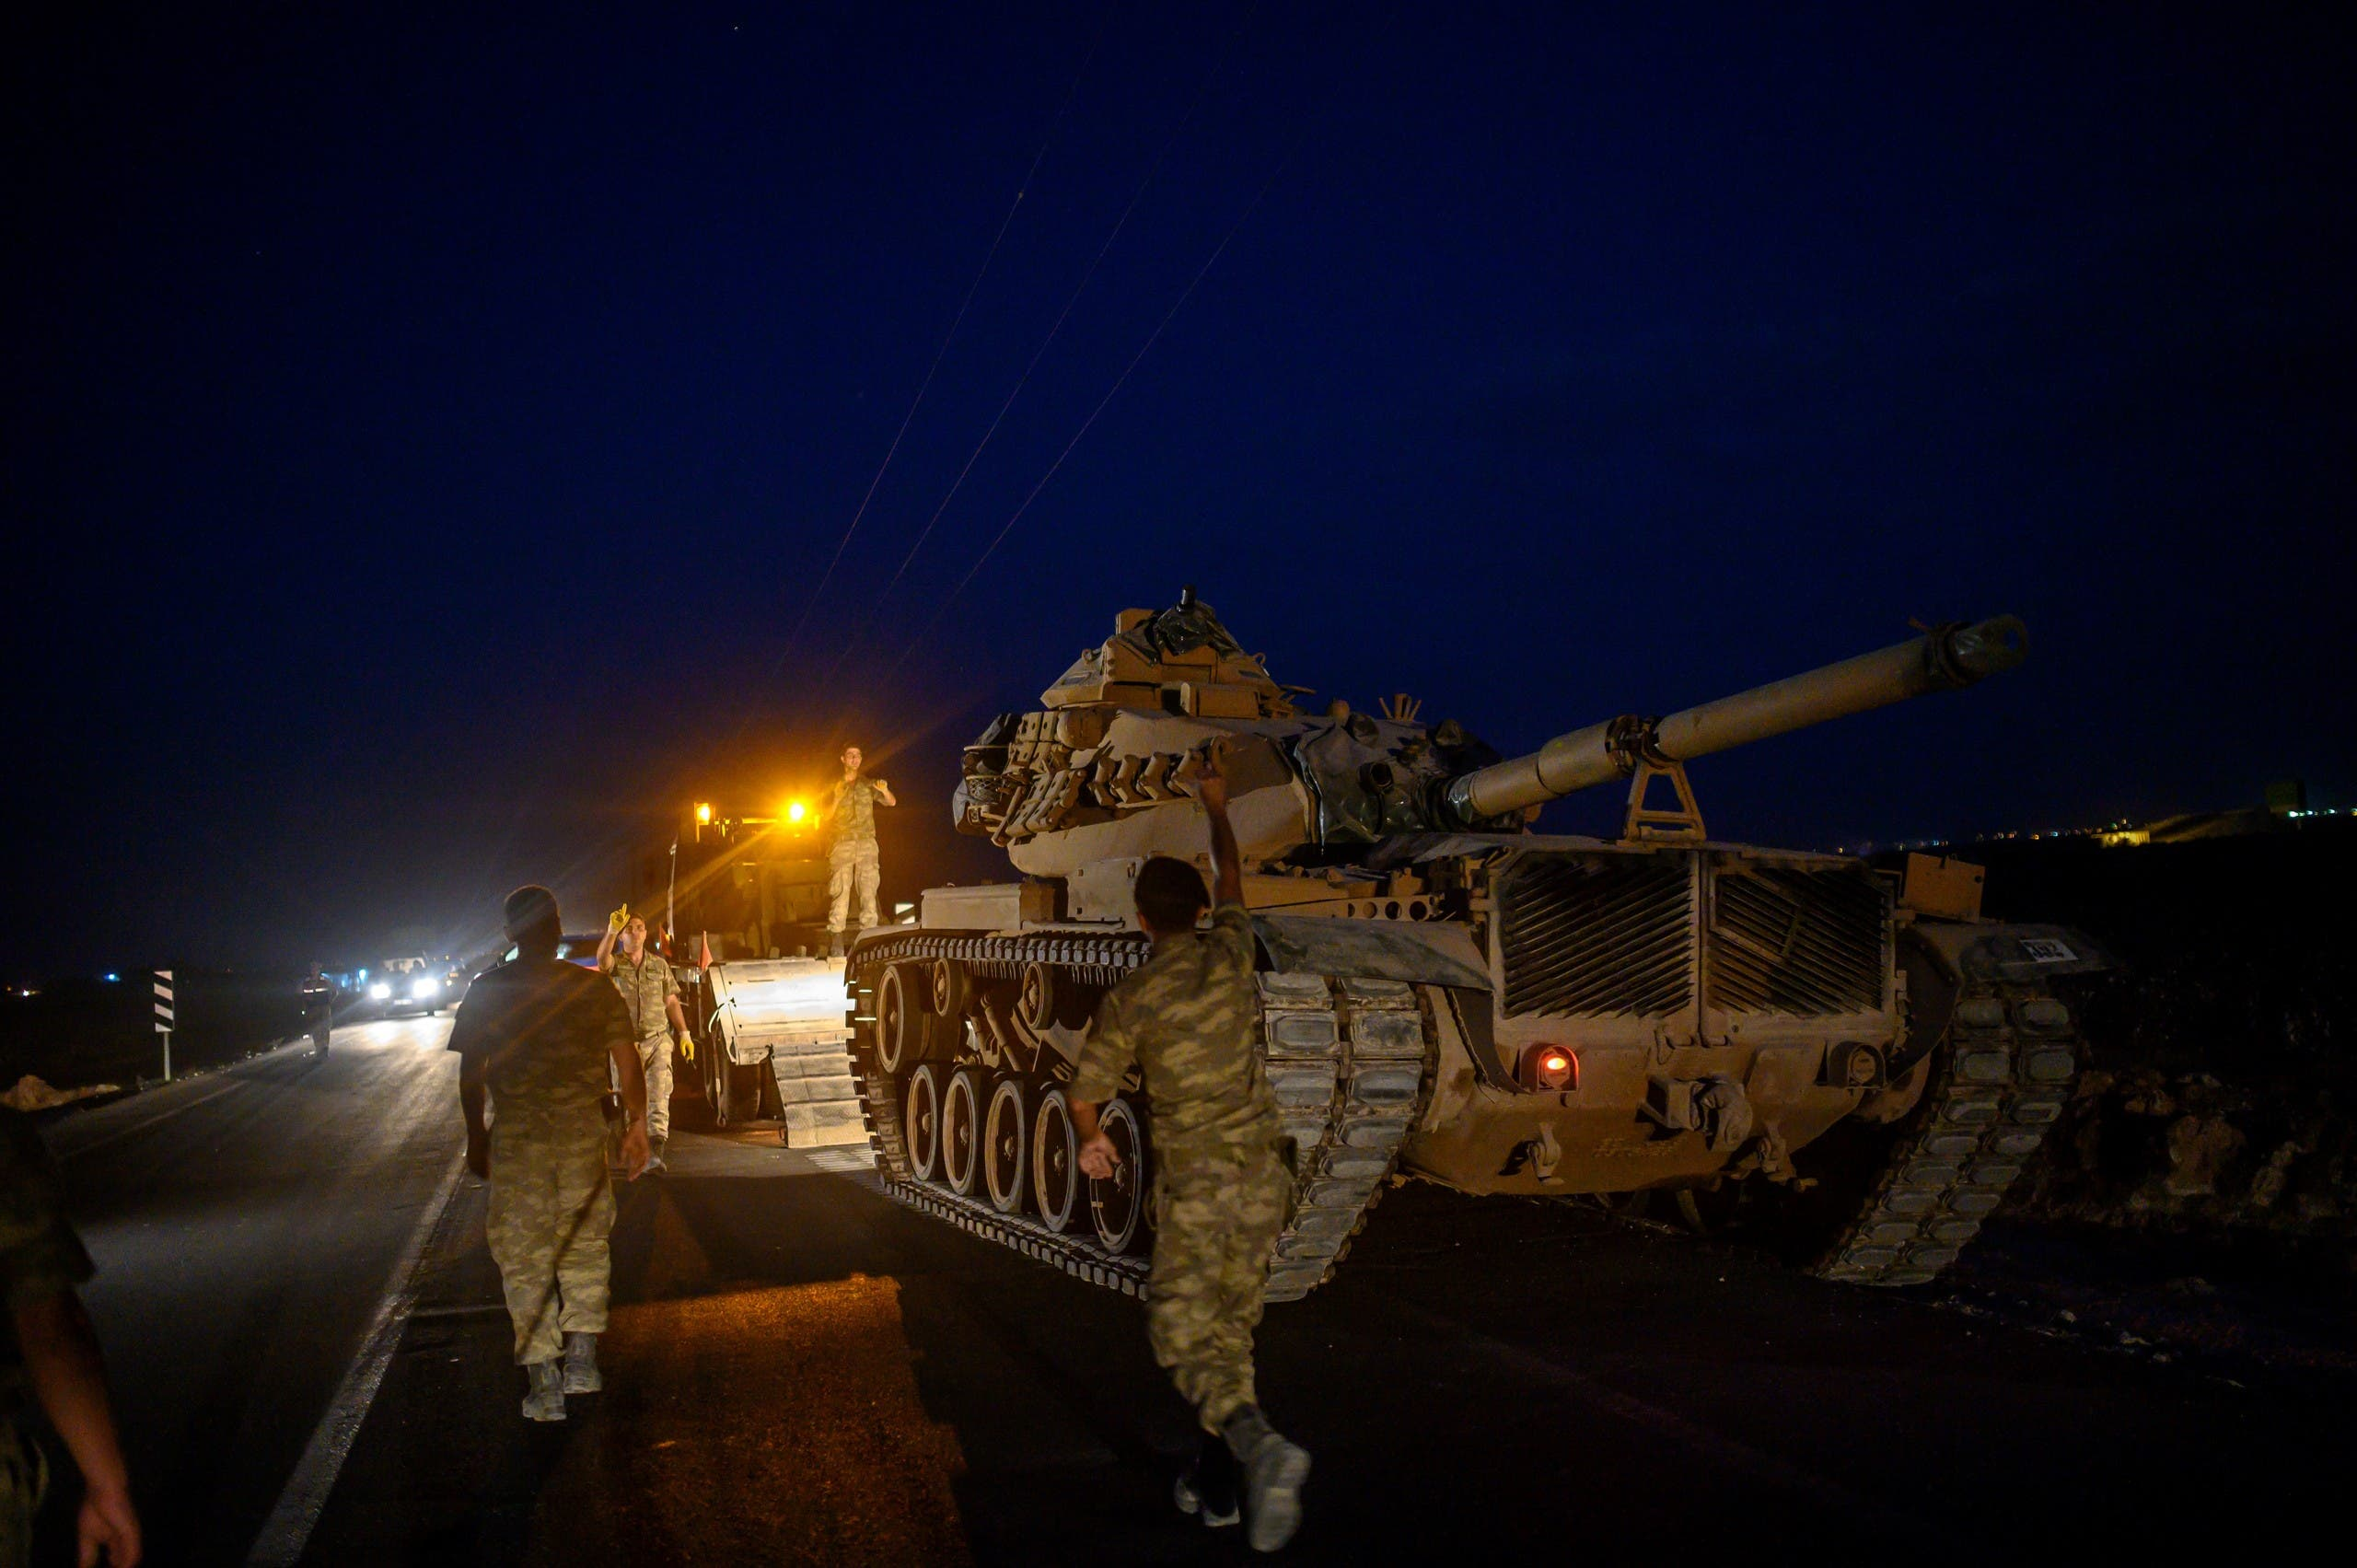 آليات عسكرية تابعة للجيش التركي